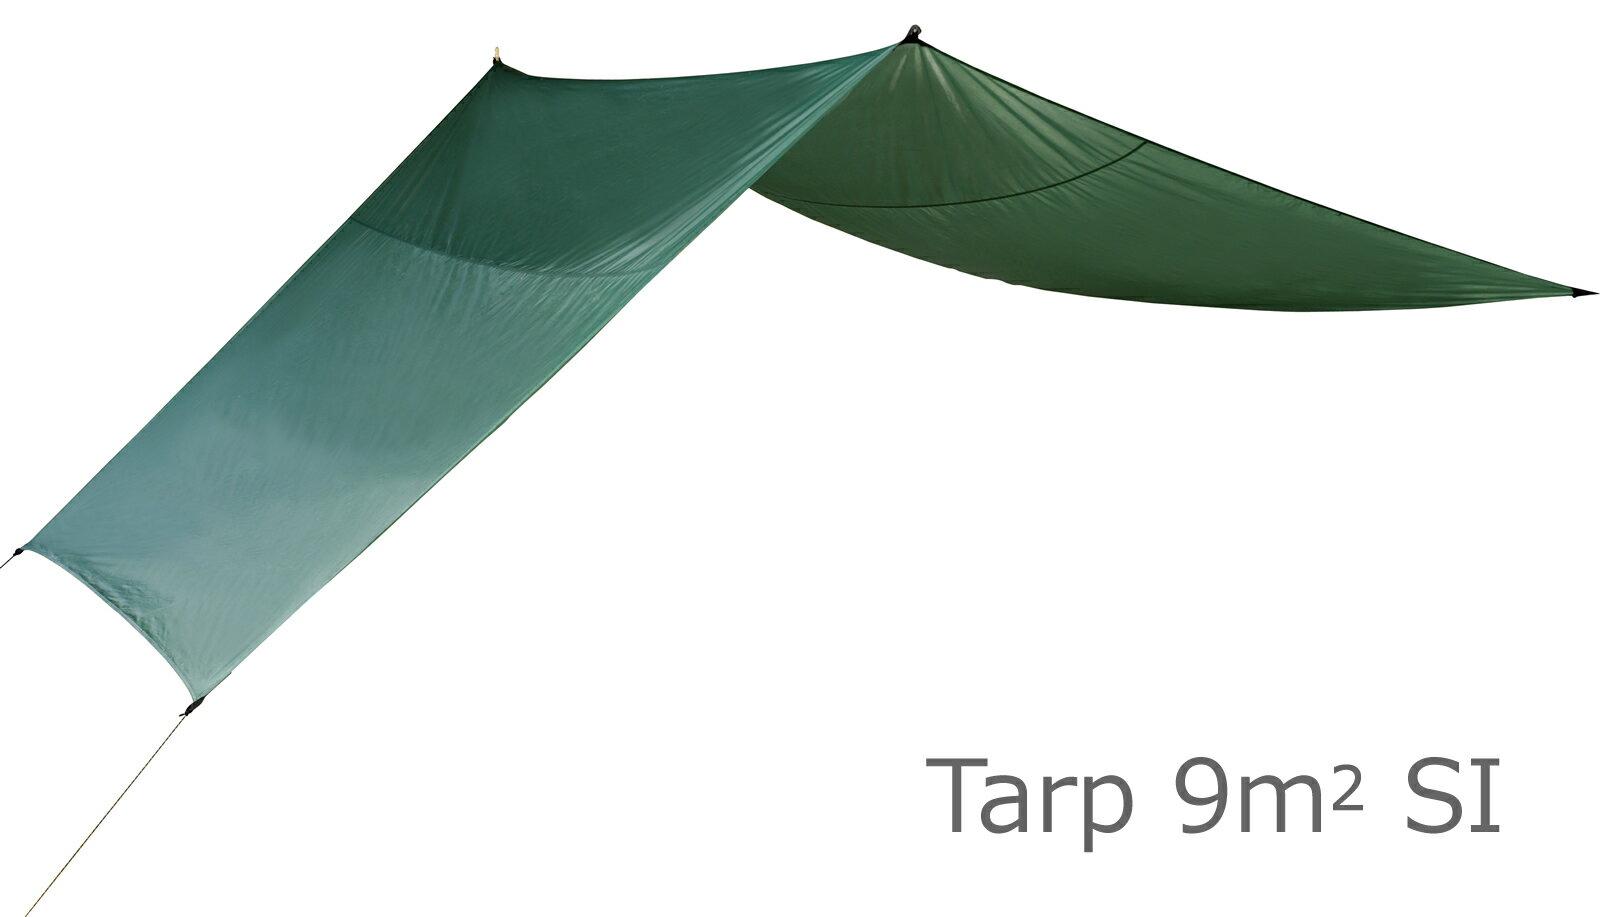 NORDISK タープ Voss 9 SI (ヴォス9 SI )フォレスト・グリーン [117006](AKKA アッカ ボス ノルディスク タープ テント アウトドア用品 キャンプ用品